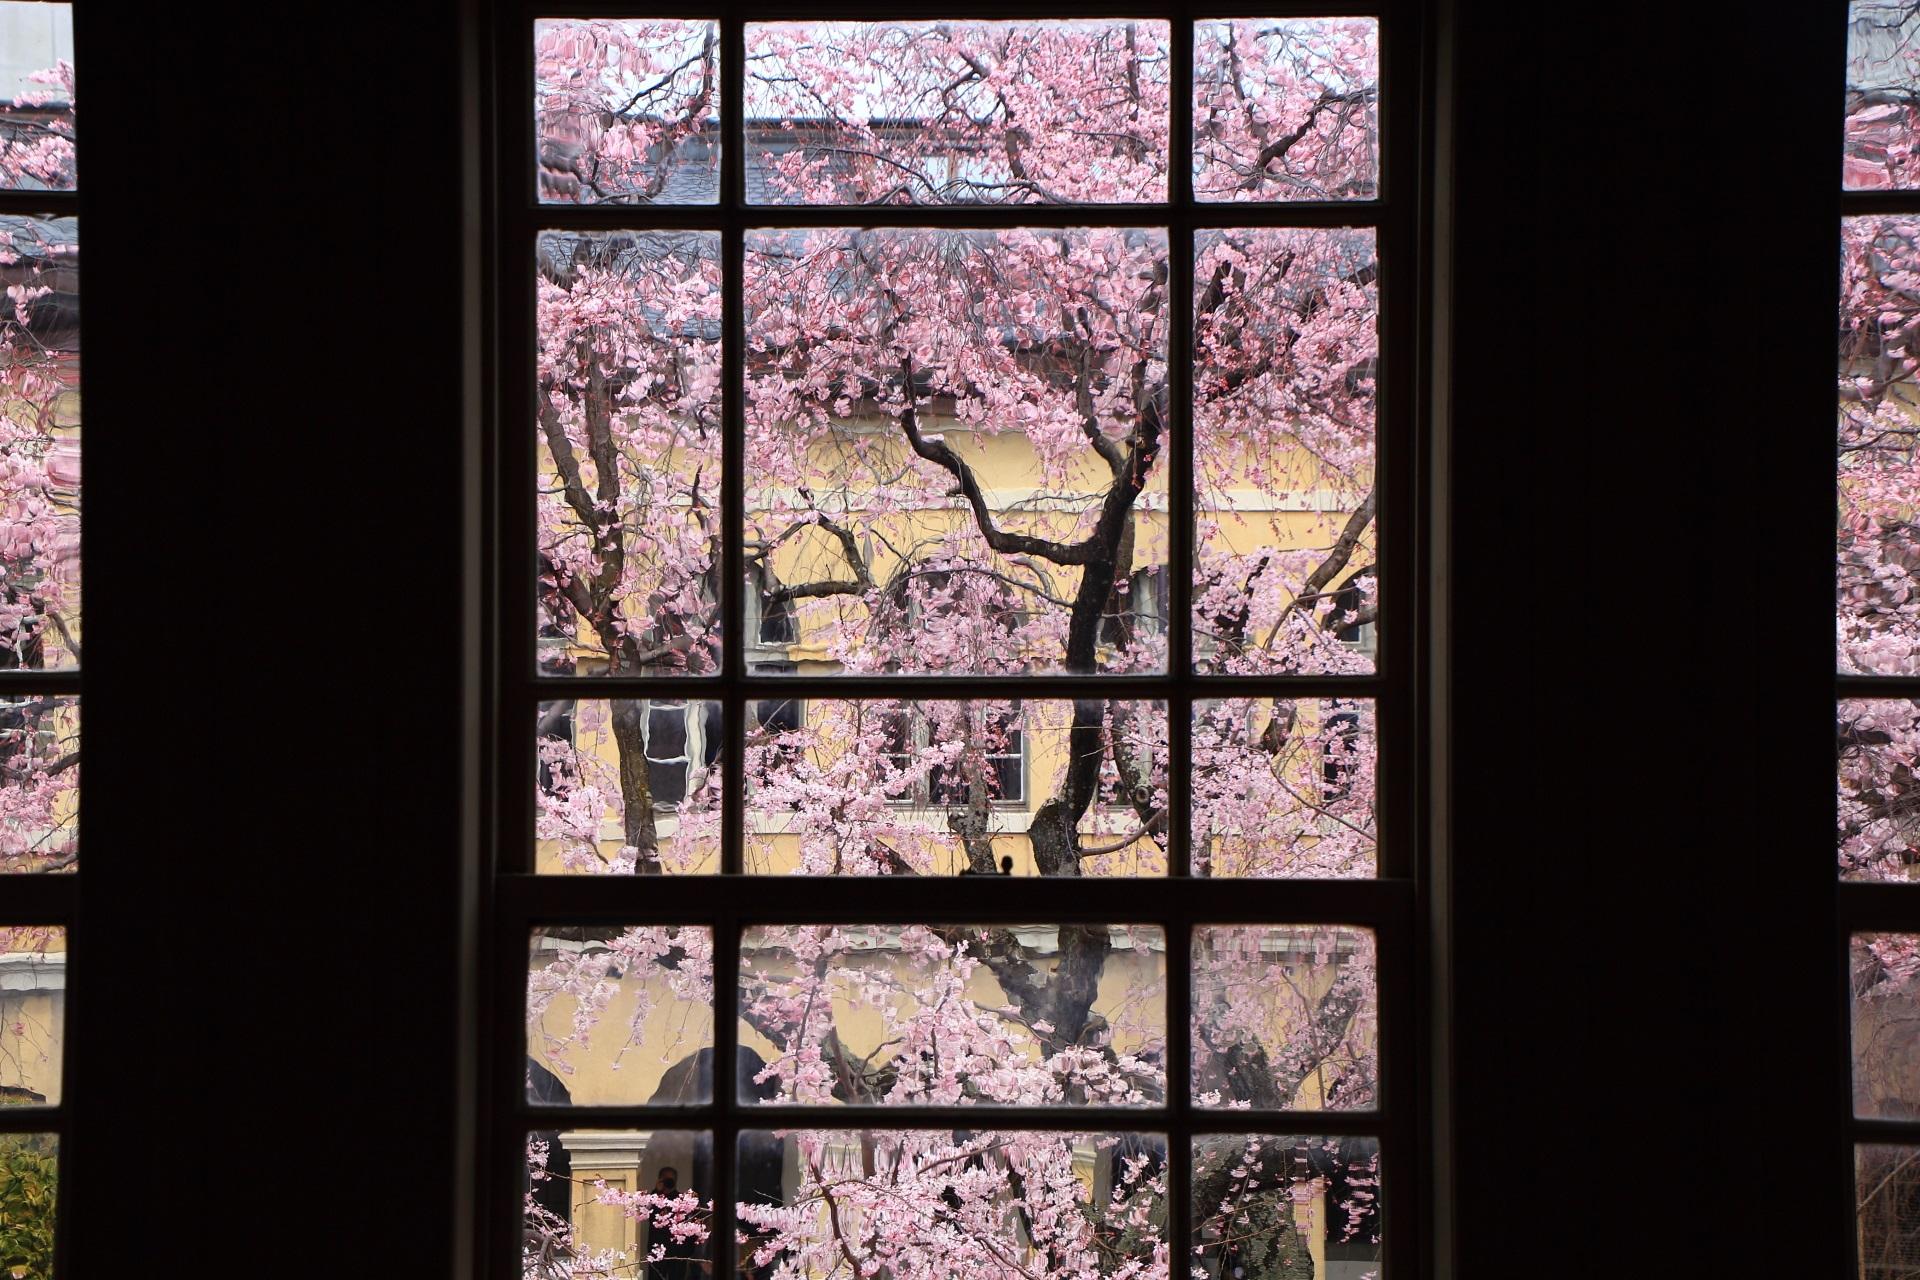 窓いっぱいに広がる満開の桜